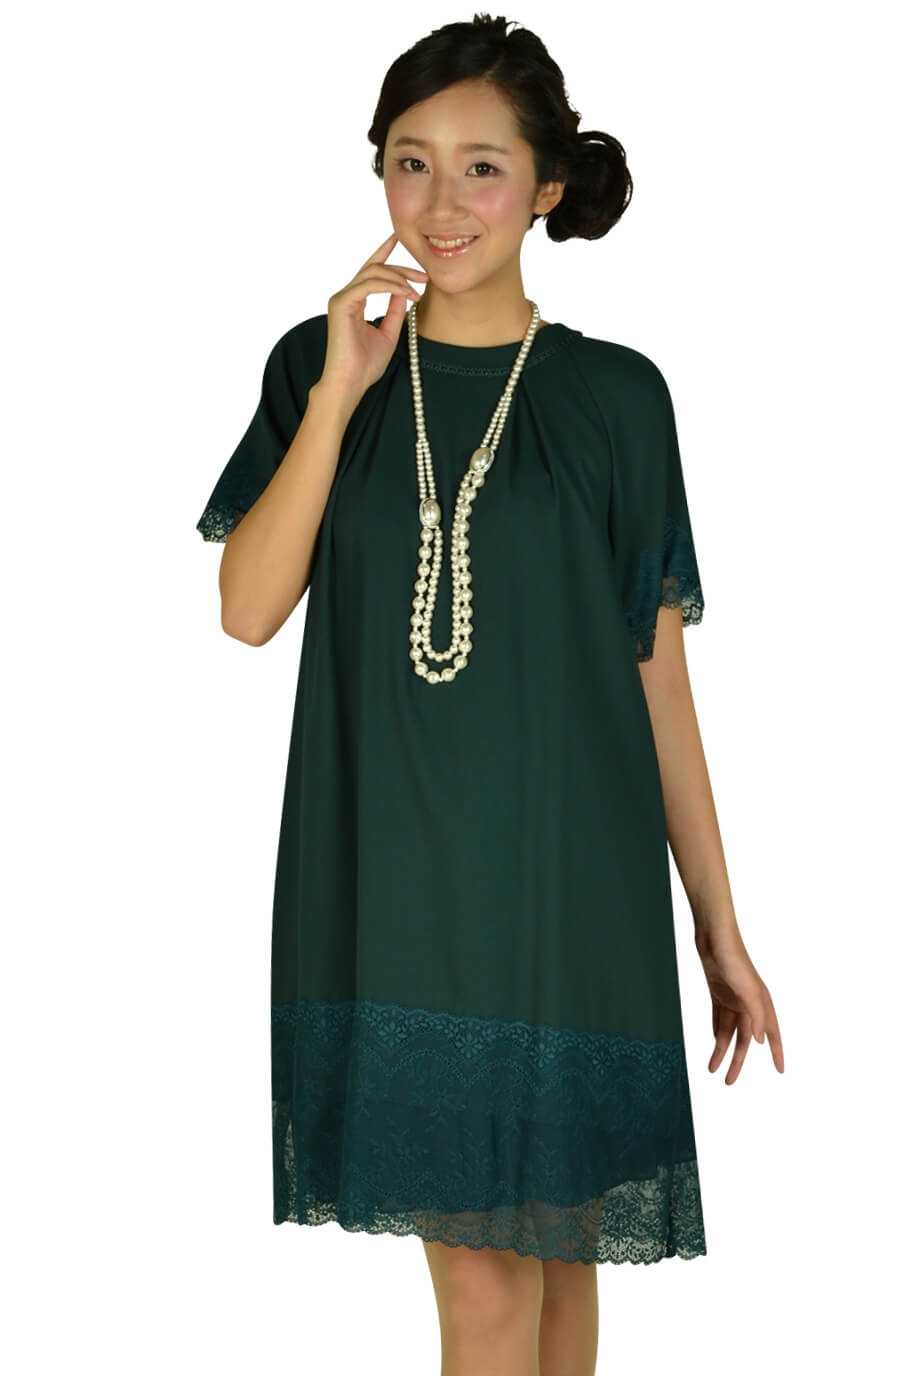 イエナ(IENA SLOBE)スローブ 袖付きグリーンレースドレス